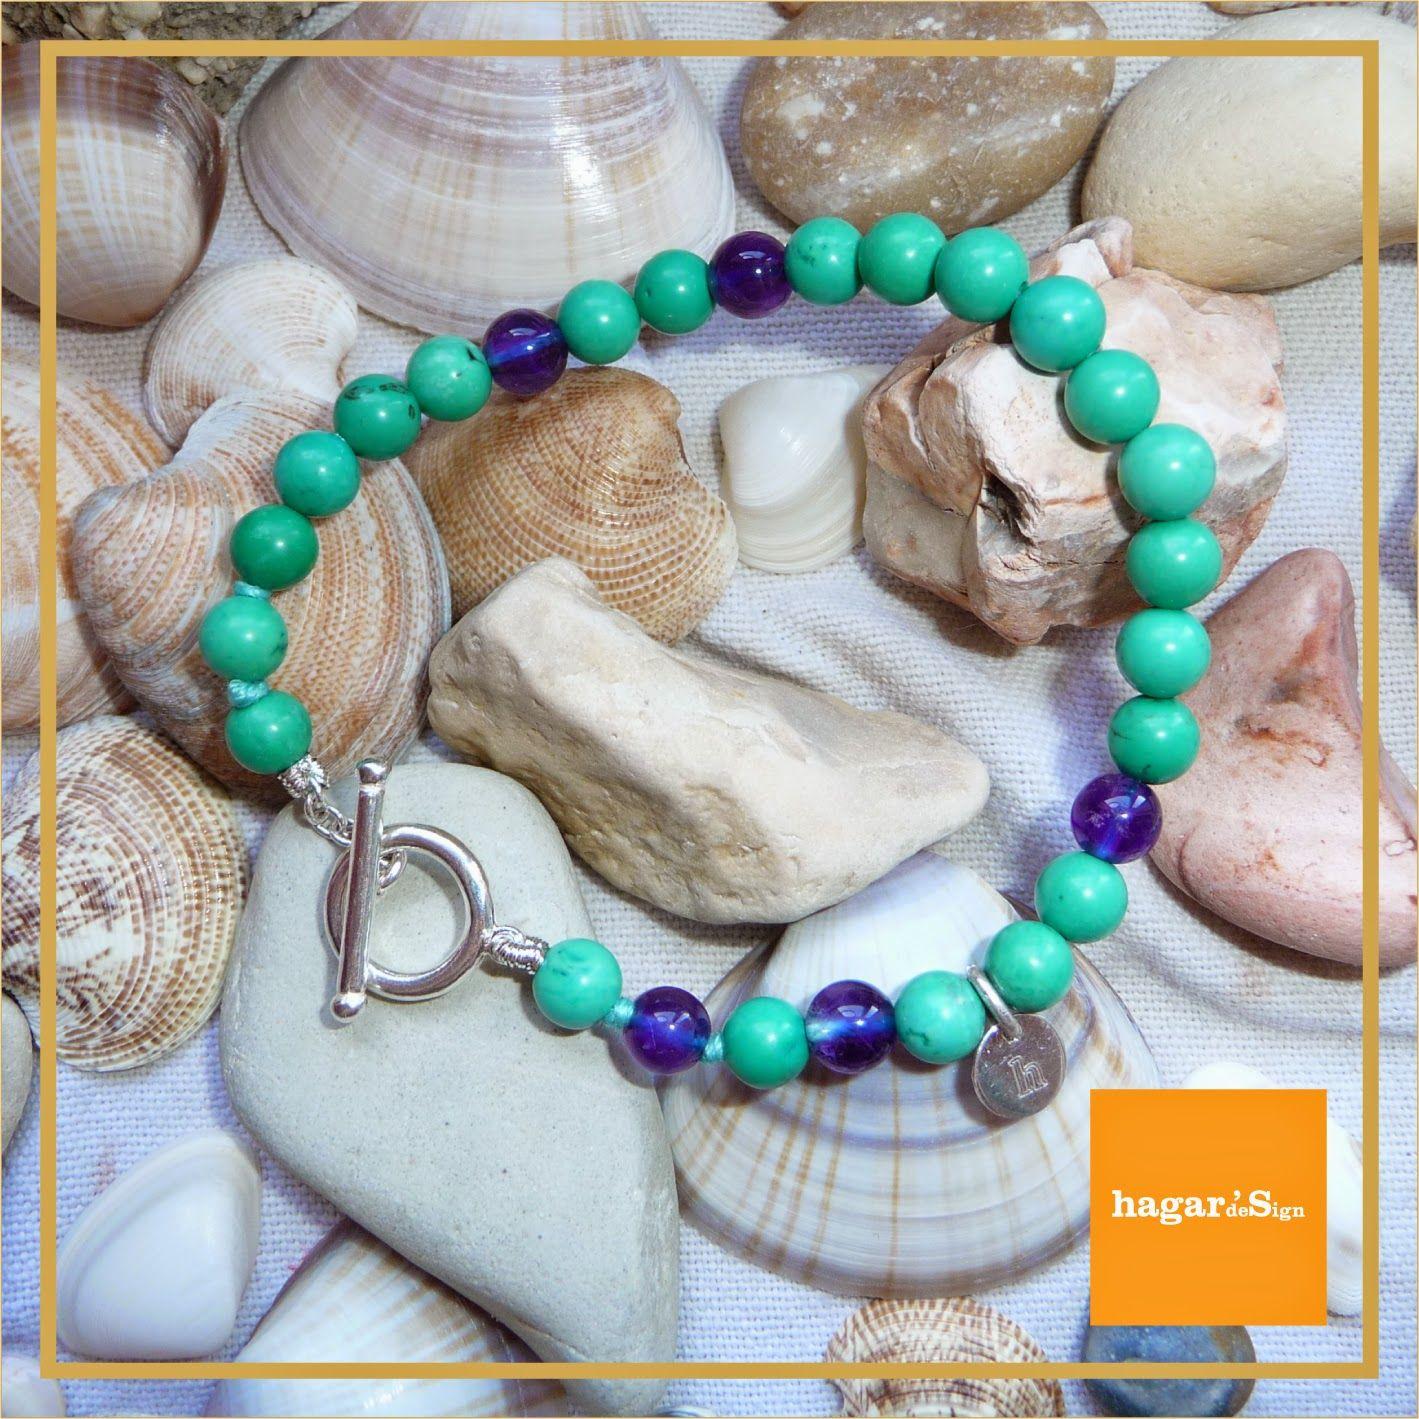 hagar'sdesign - gioielli e accessori: Voglia di mare? Guarda la Collezione N12 in vendit...